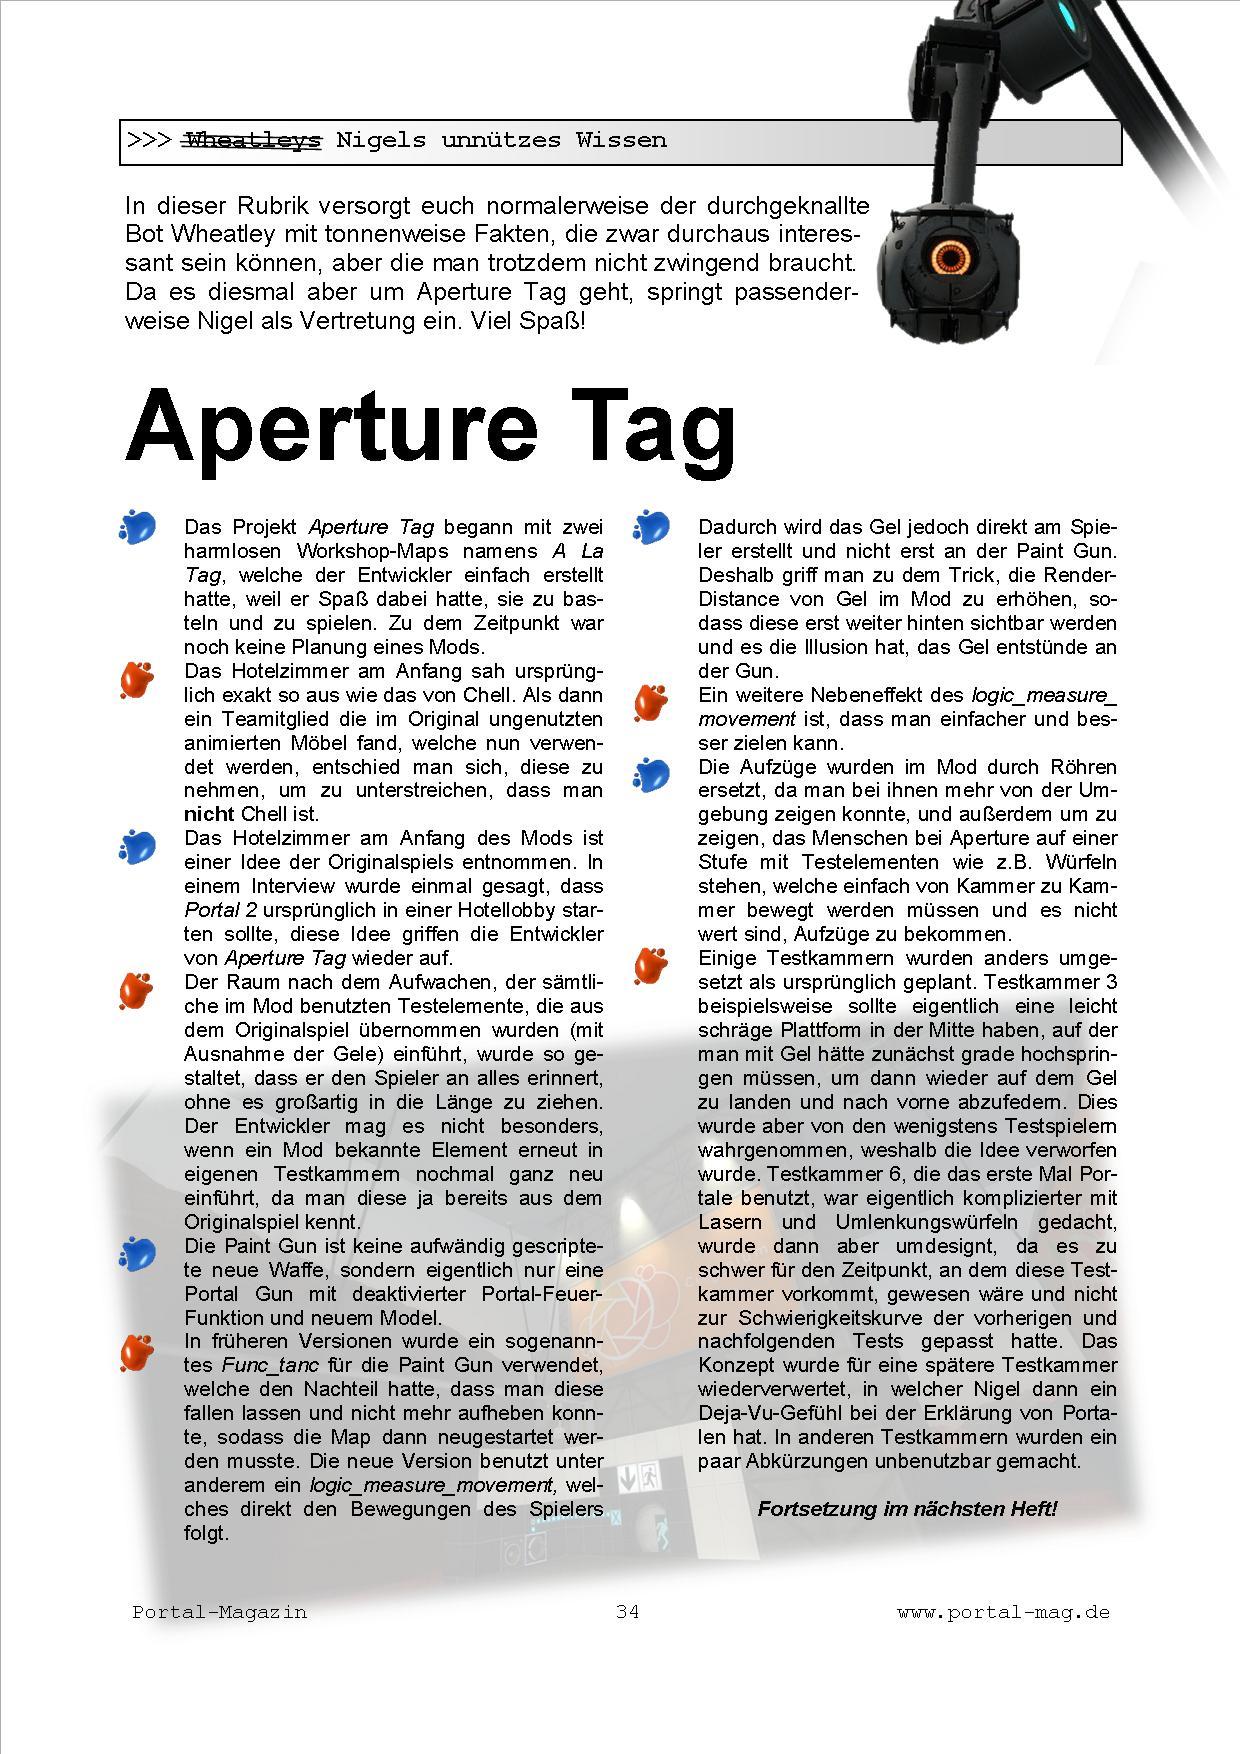 Ausgabe 26, Seite 34